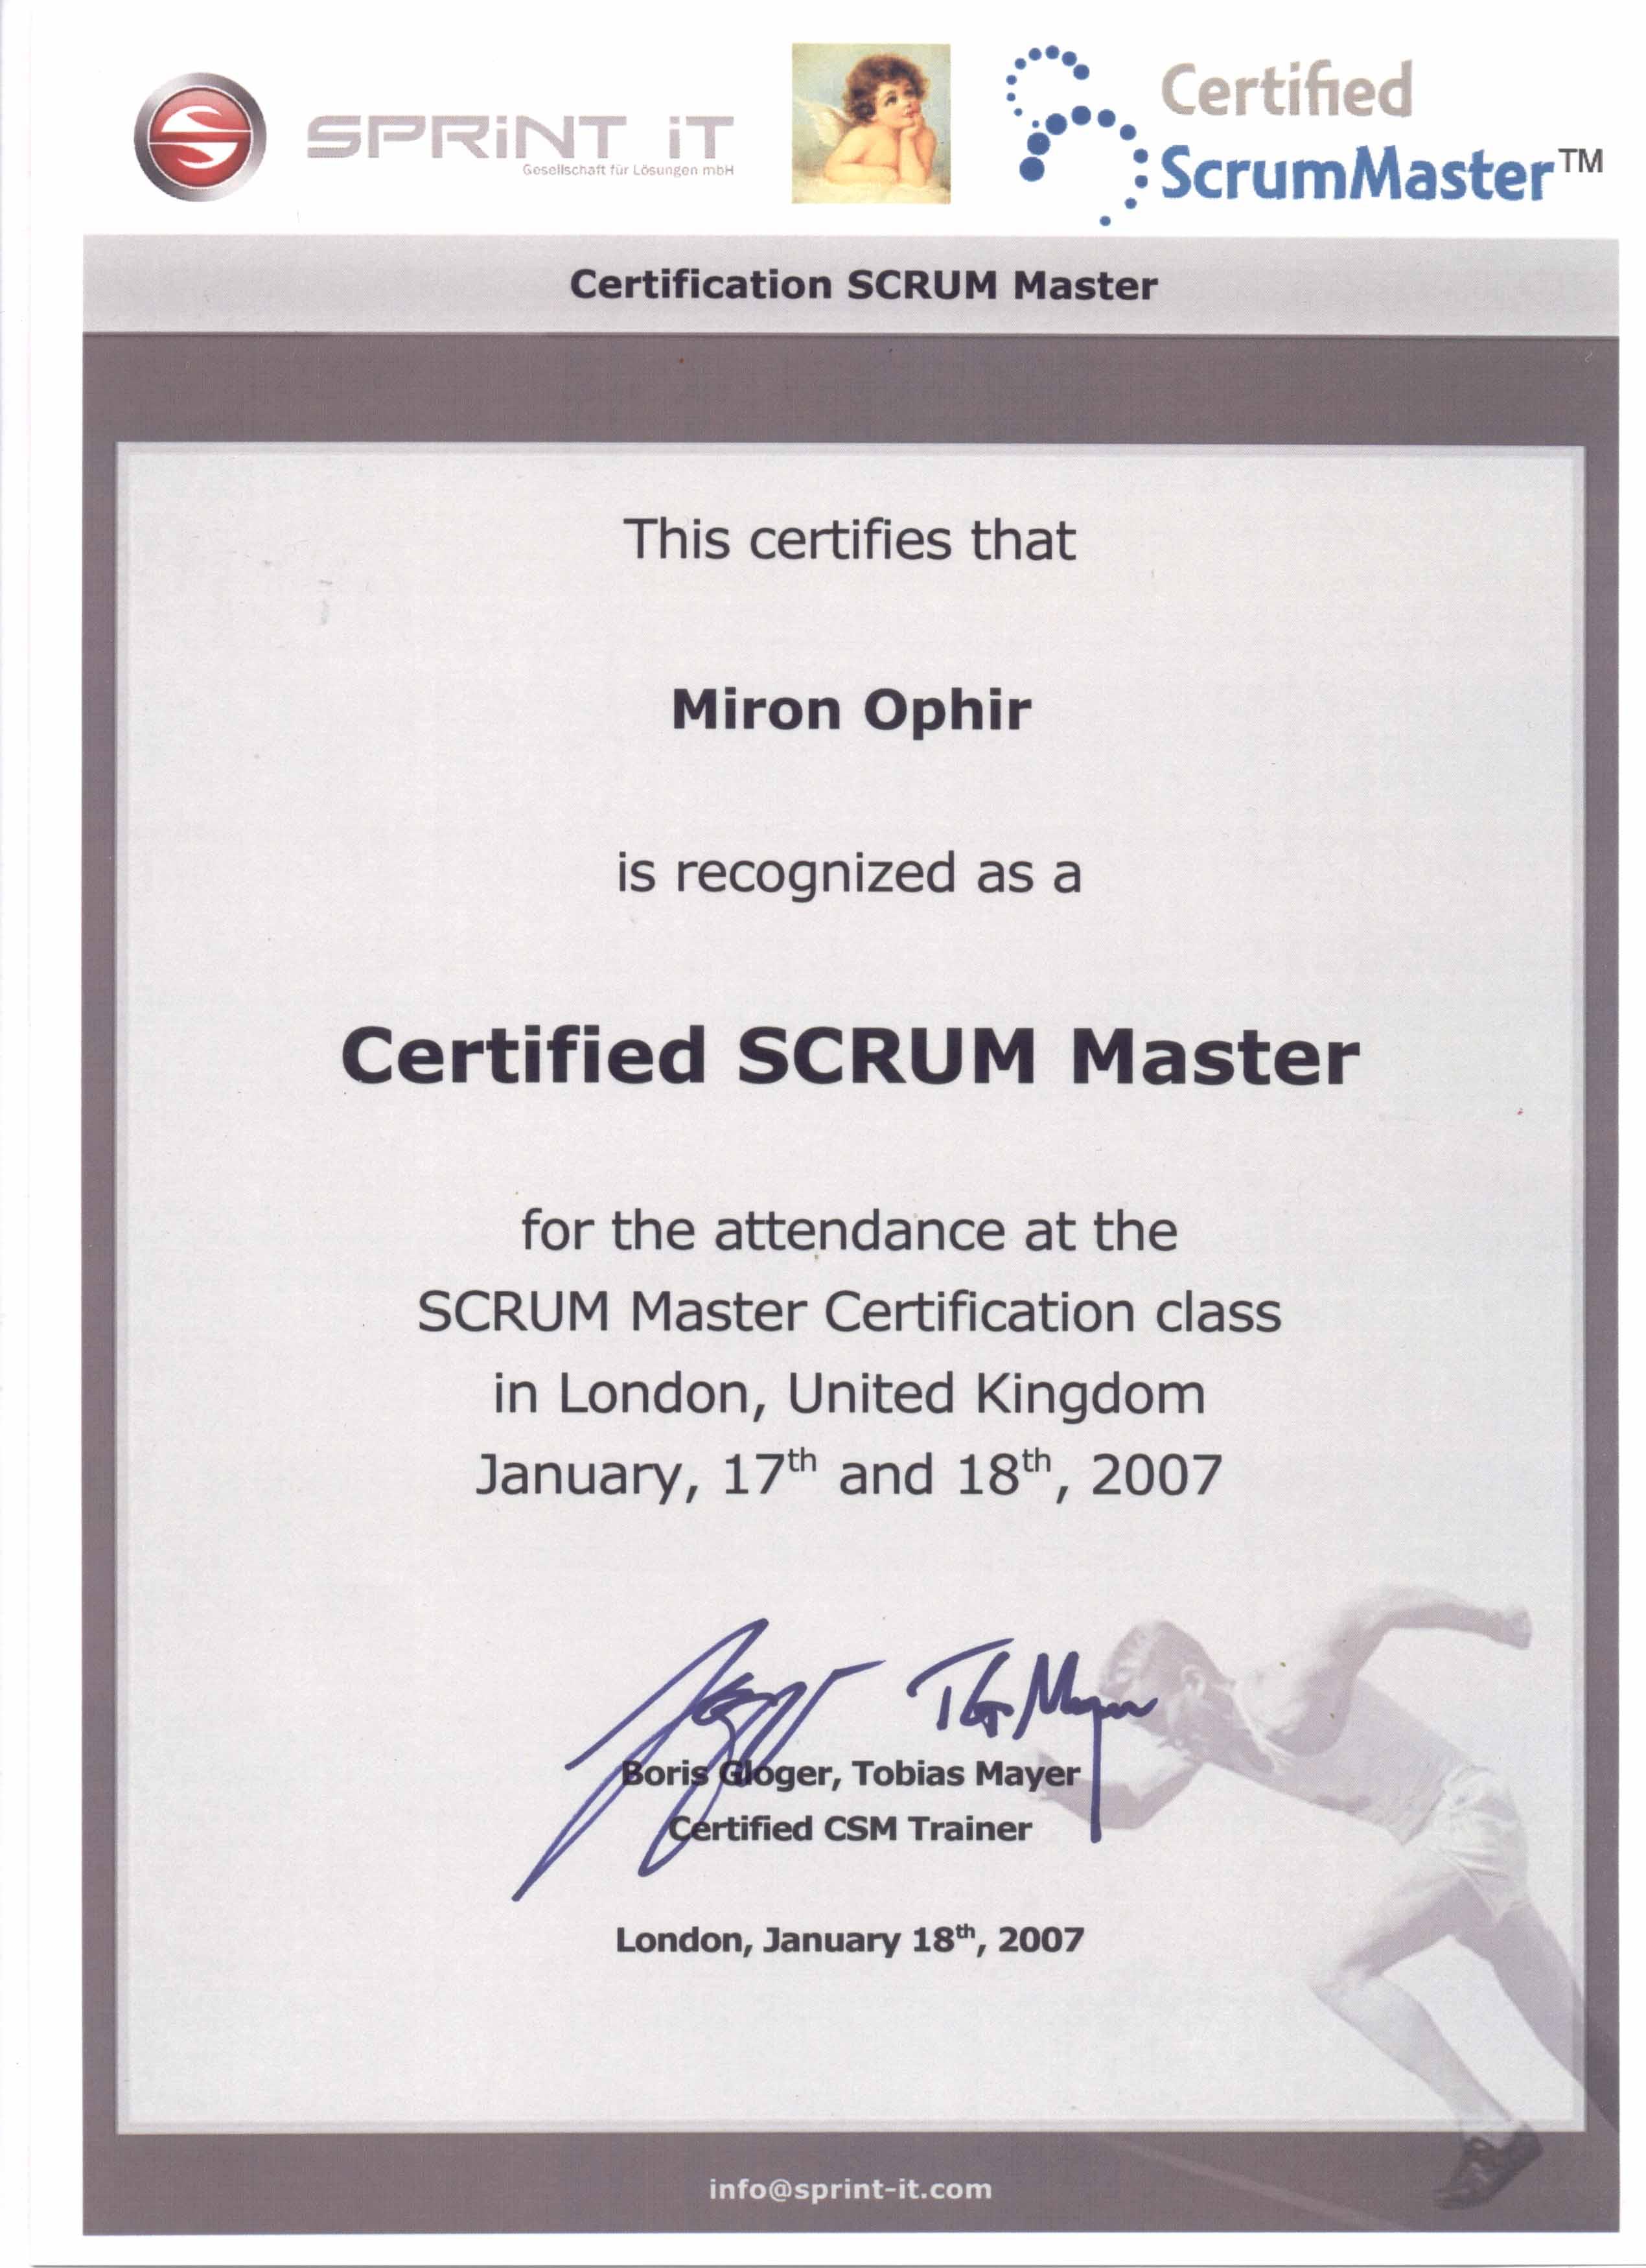 SCRUM Master certificate